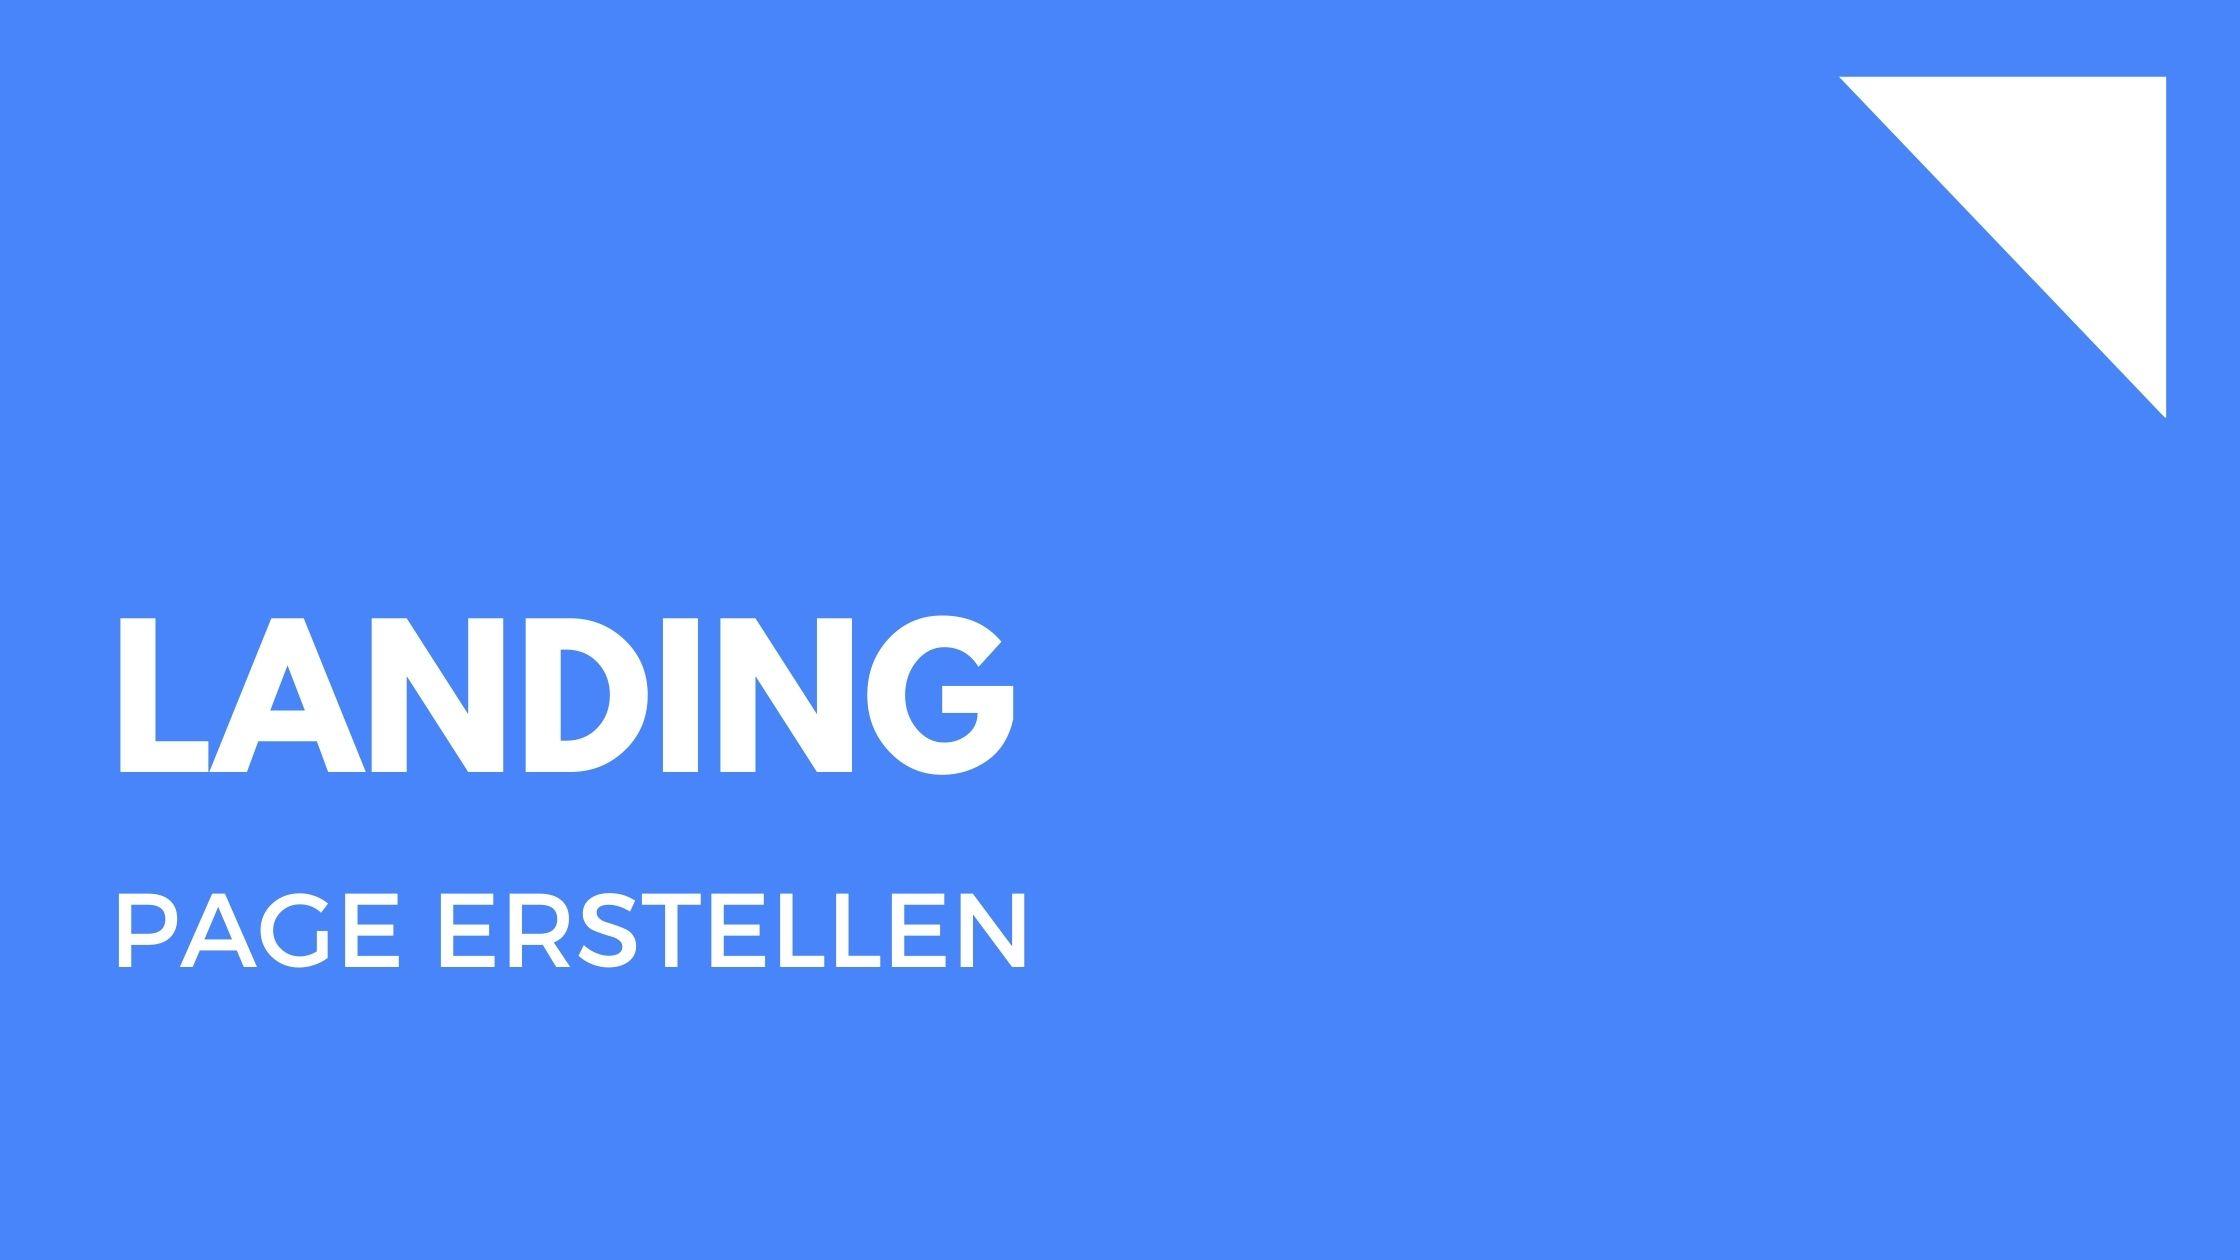 Landingpage erstellen – Der komplette Guide (mit Tools!)